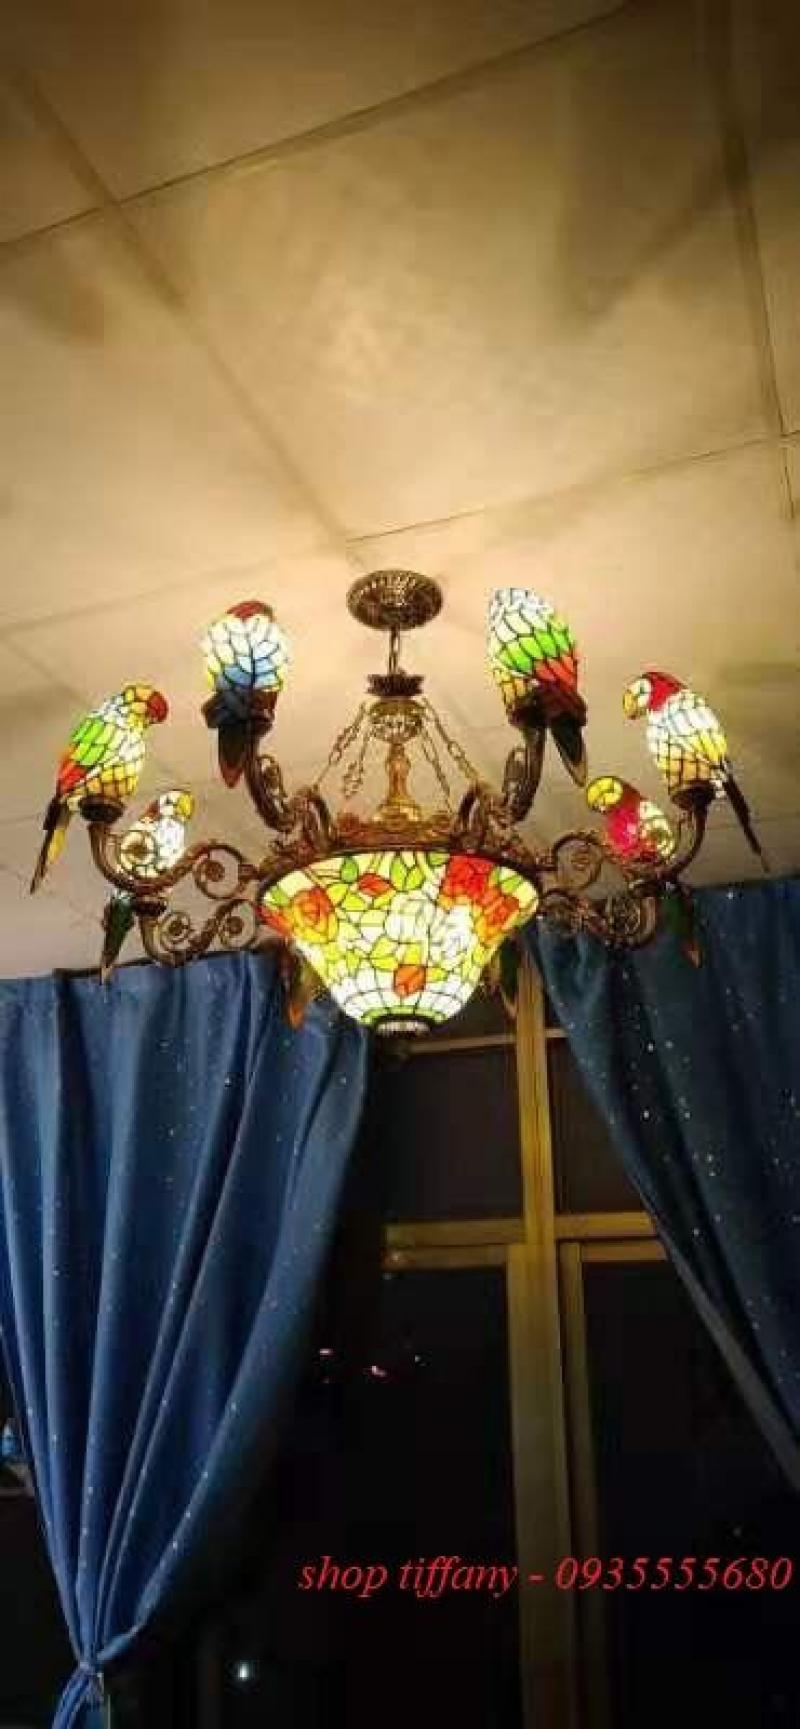 Đèn chùm tiffany 8 con Vẹt